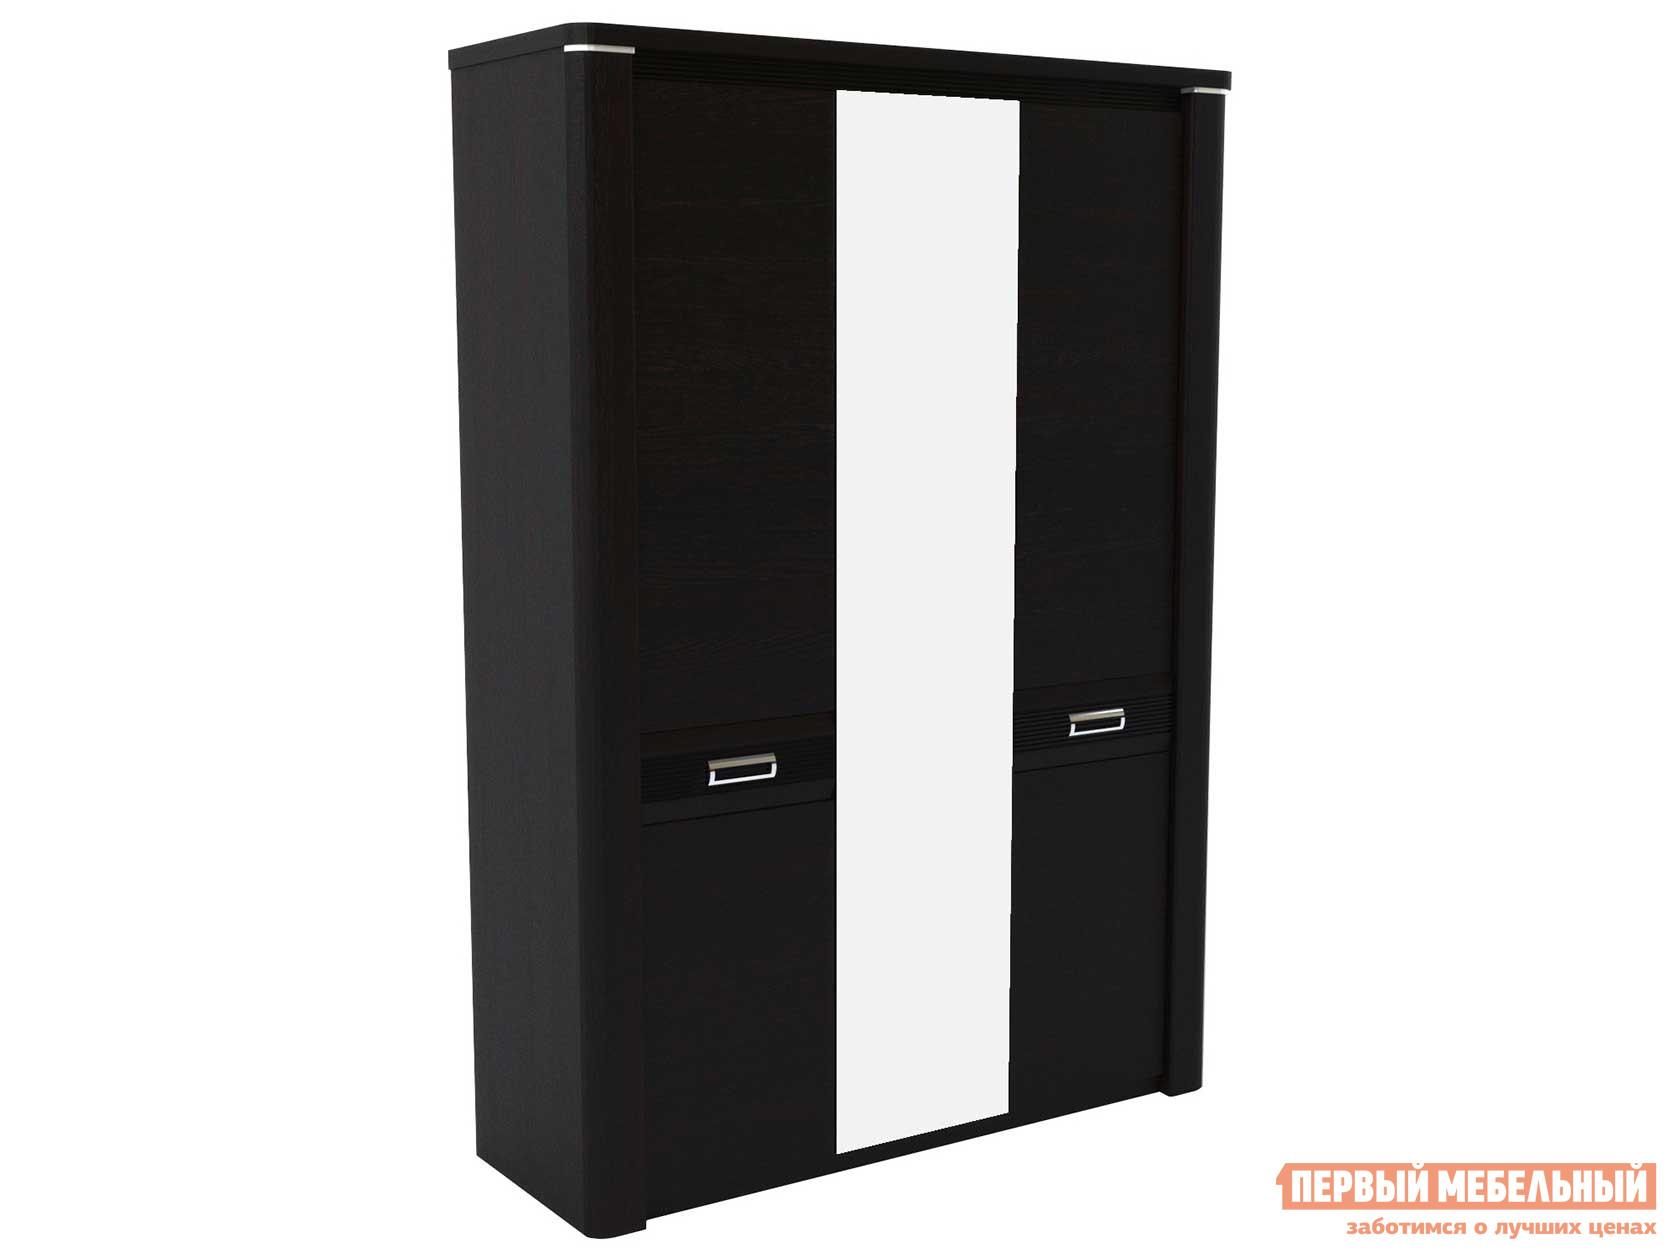 Шкаф распашной Первый Мебельный Шкаф 3-х дверный Магнолия шкаф распашной первый мебельный м 1 шкаф 2 х дверный